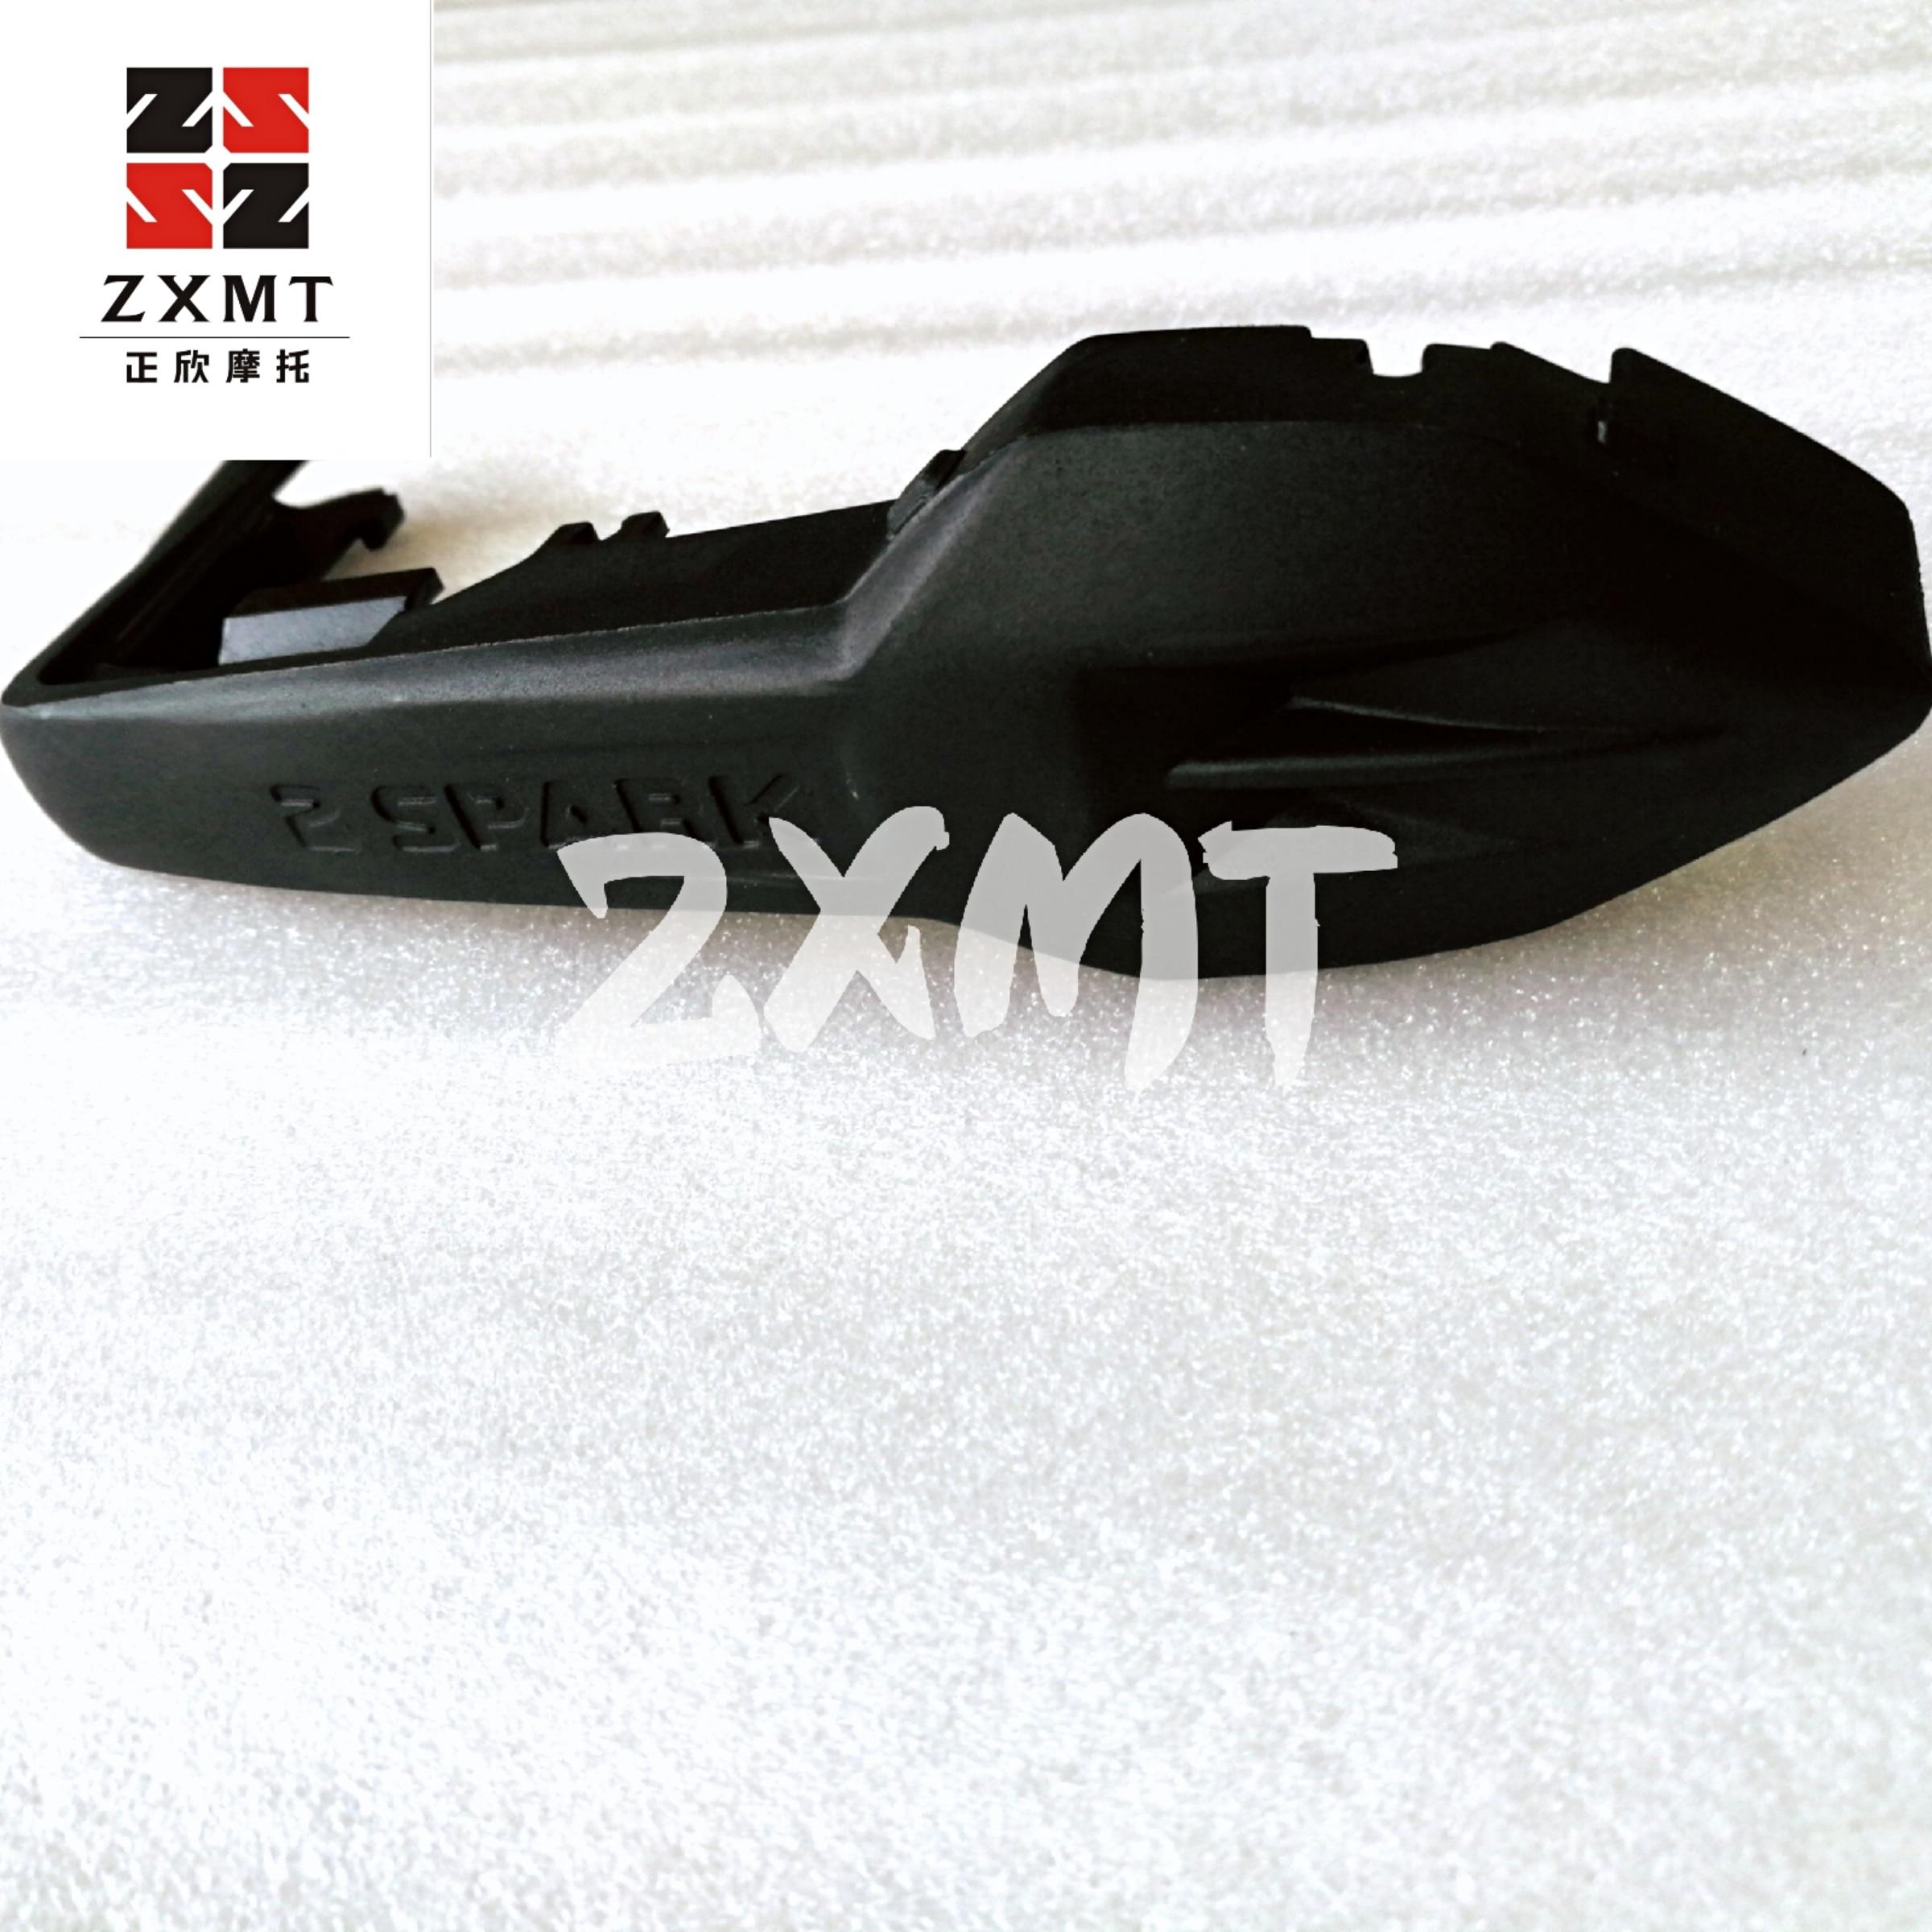 ZXMT de encendido 2 protector de bujía para R1200RT R900RT R1200GS R1200R R1200S accesorios de Marco Doble A